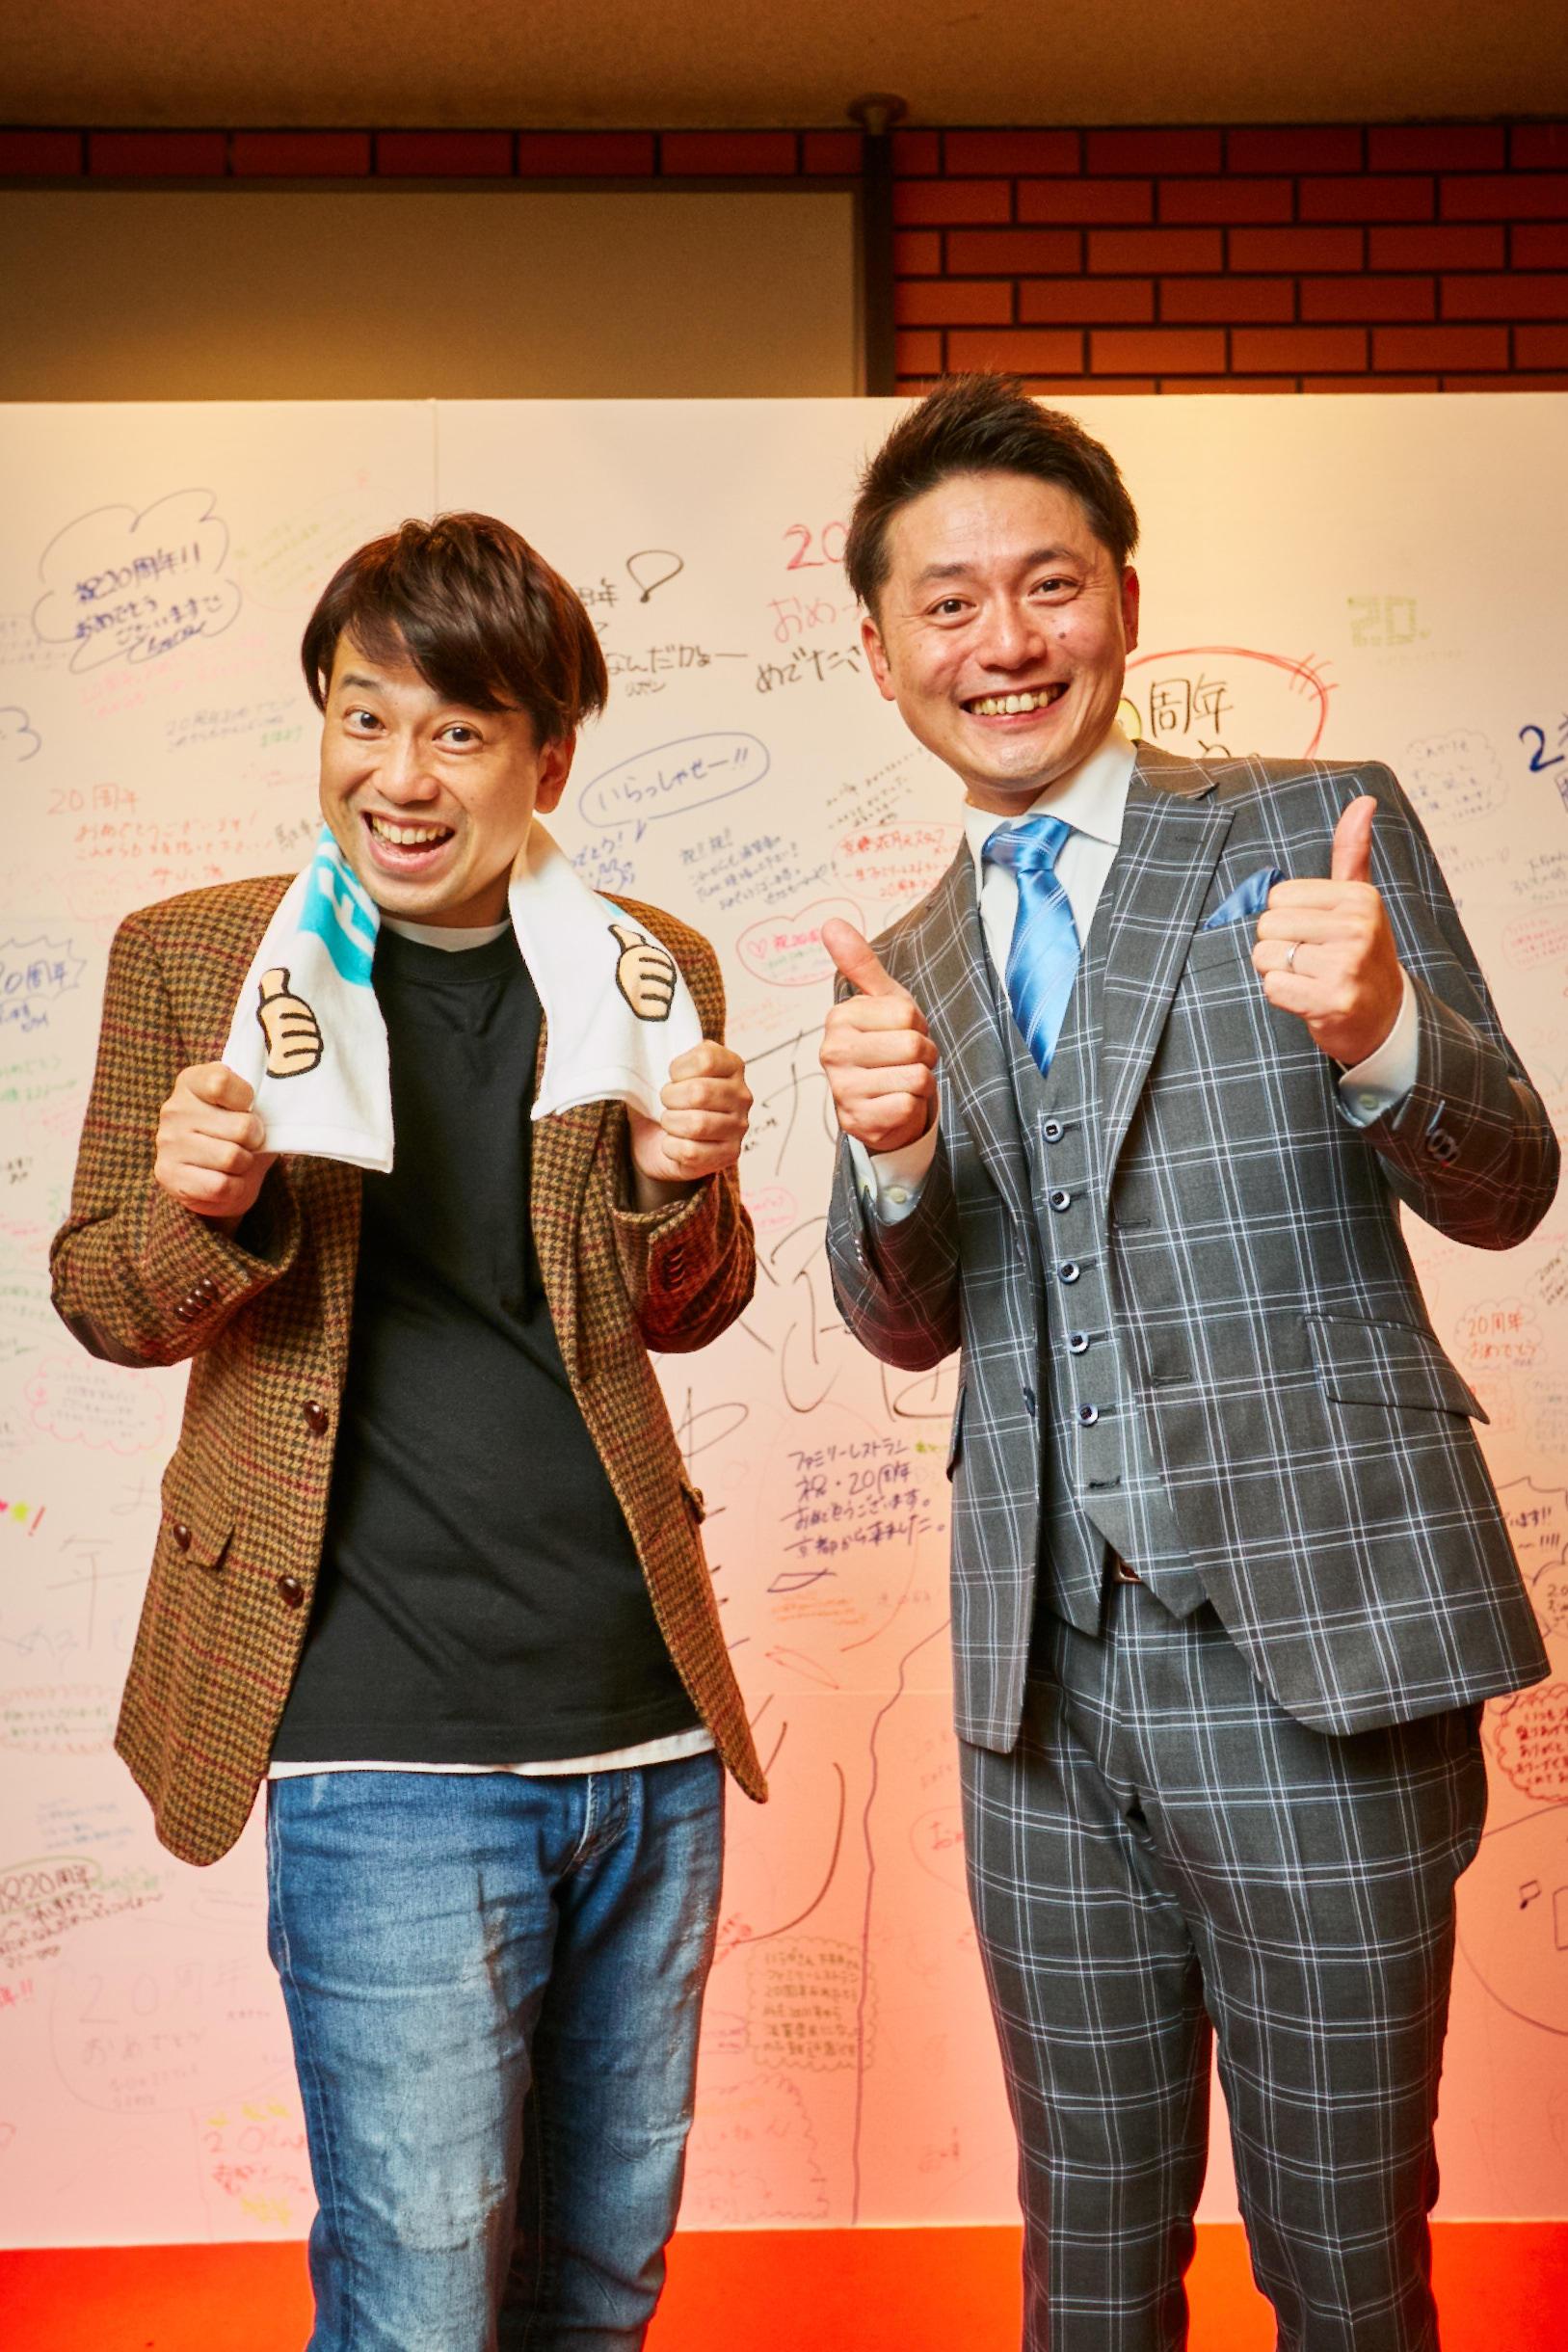 http://news.yoshimoto.co.jp/20171113160156-6ad21b8f76c641fe9a7bcb3285289c337e81b204.jpg